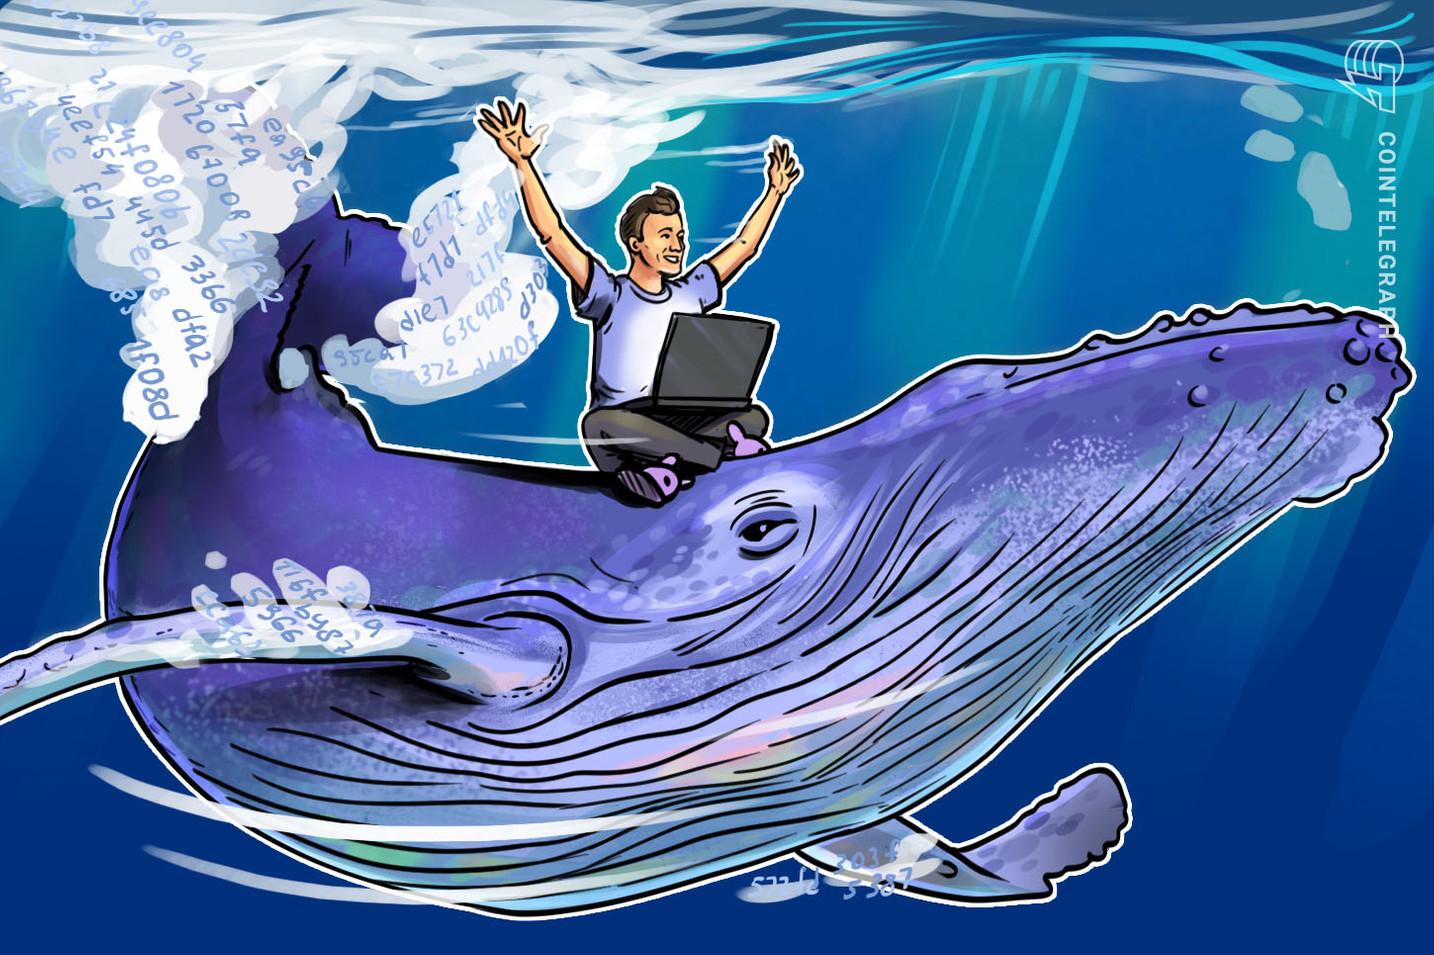 Una ballena estaba detrás del movimiento alcista de Bitcoin en 2017, declaran investigadores